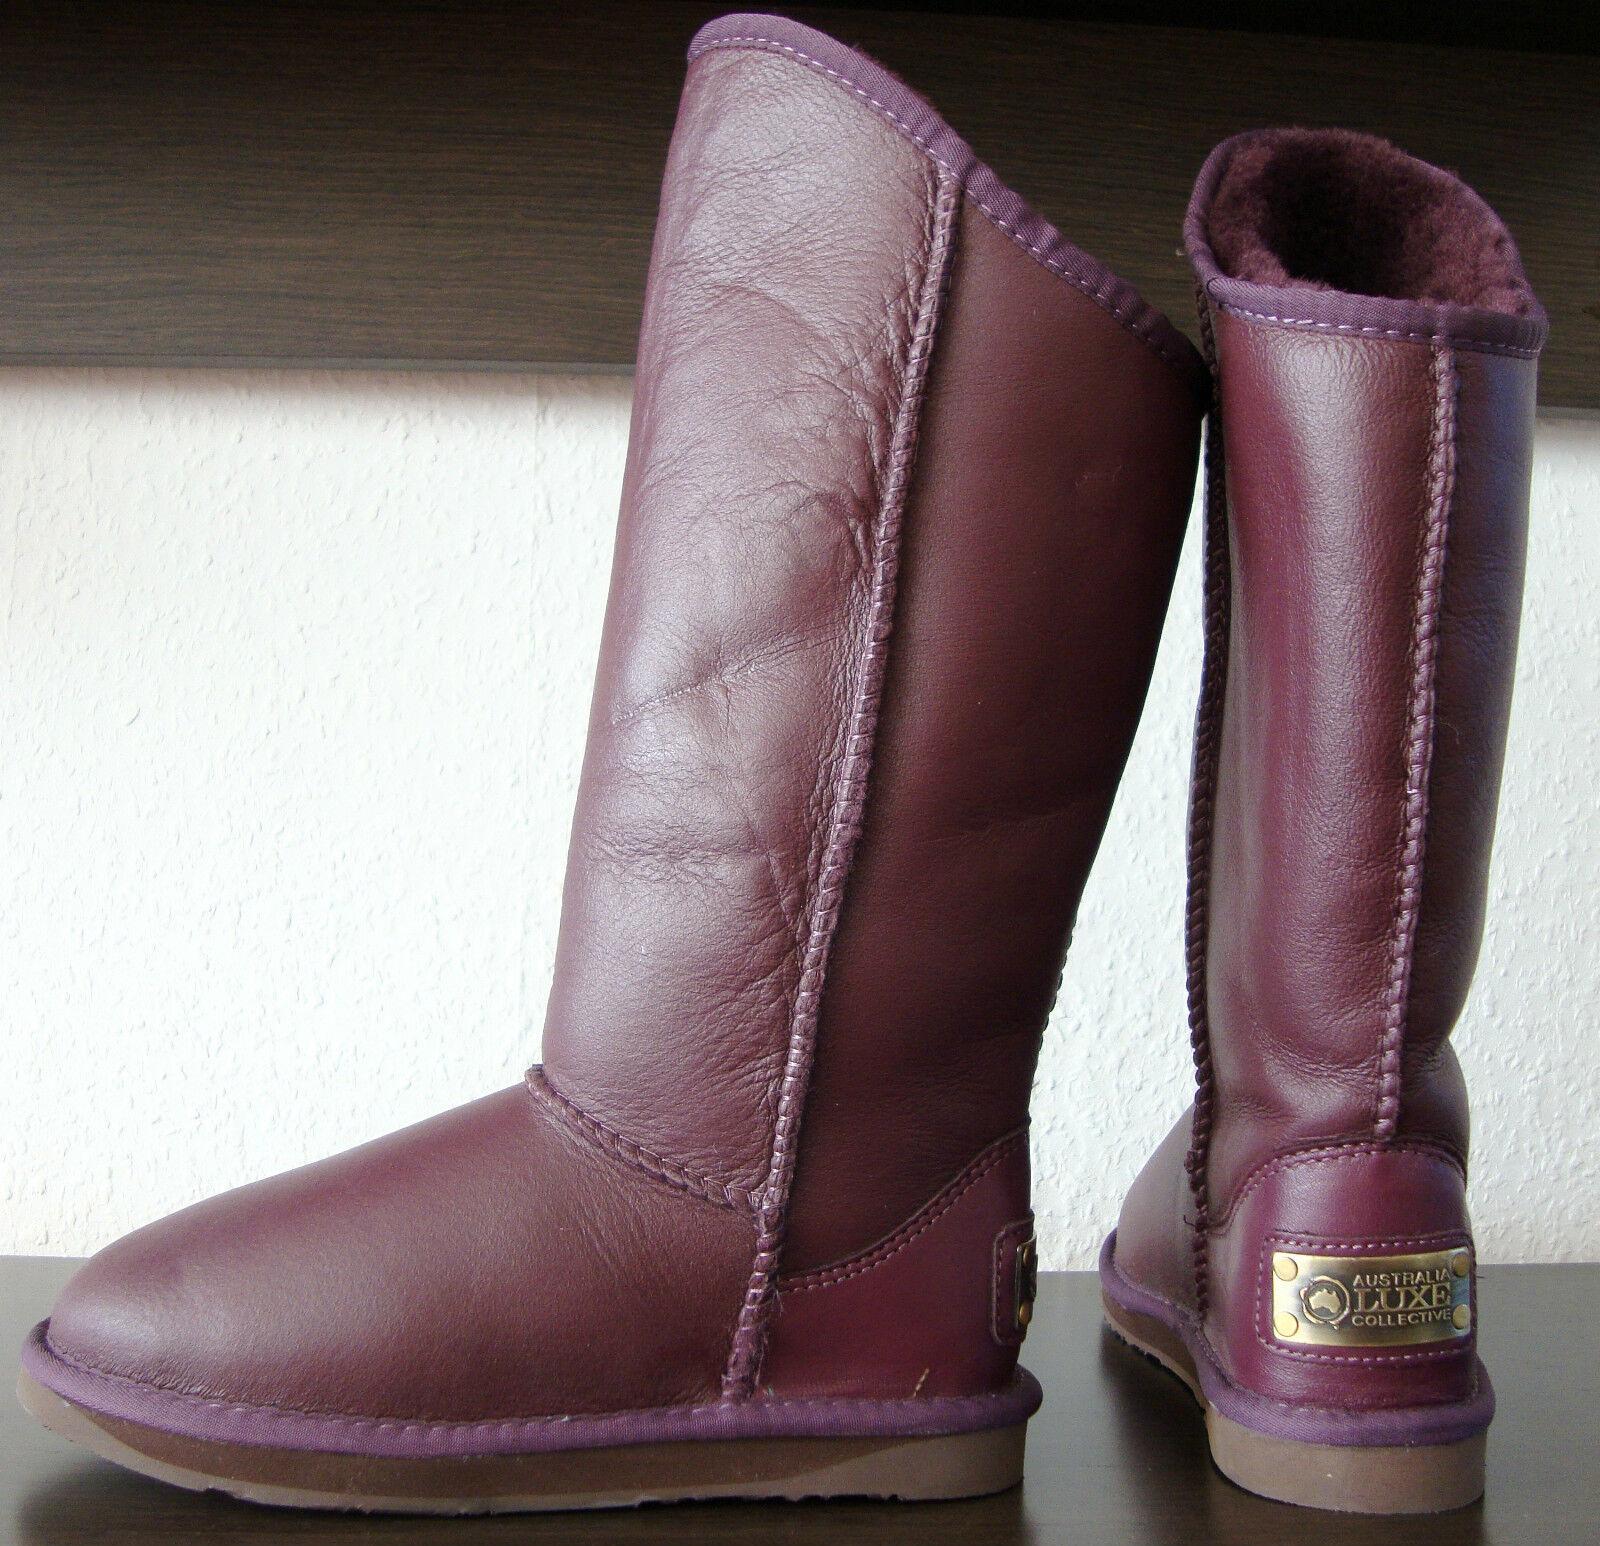 Australia Luxe cosy Tall botas señora botas zapatos de piel lila nuevo